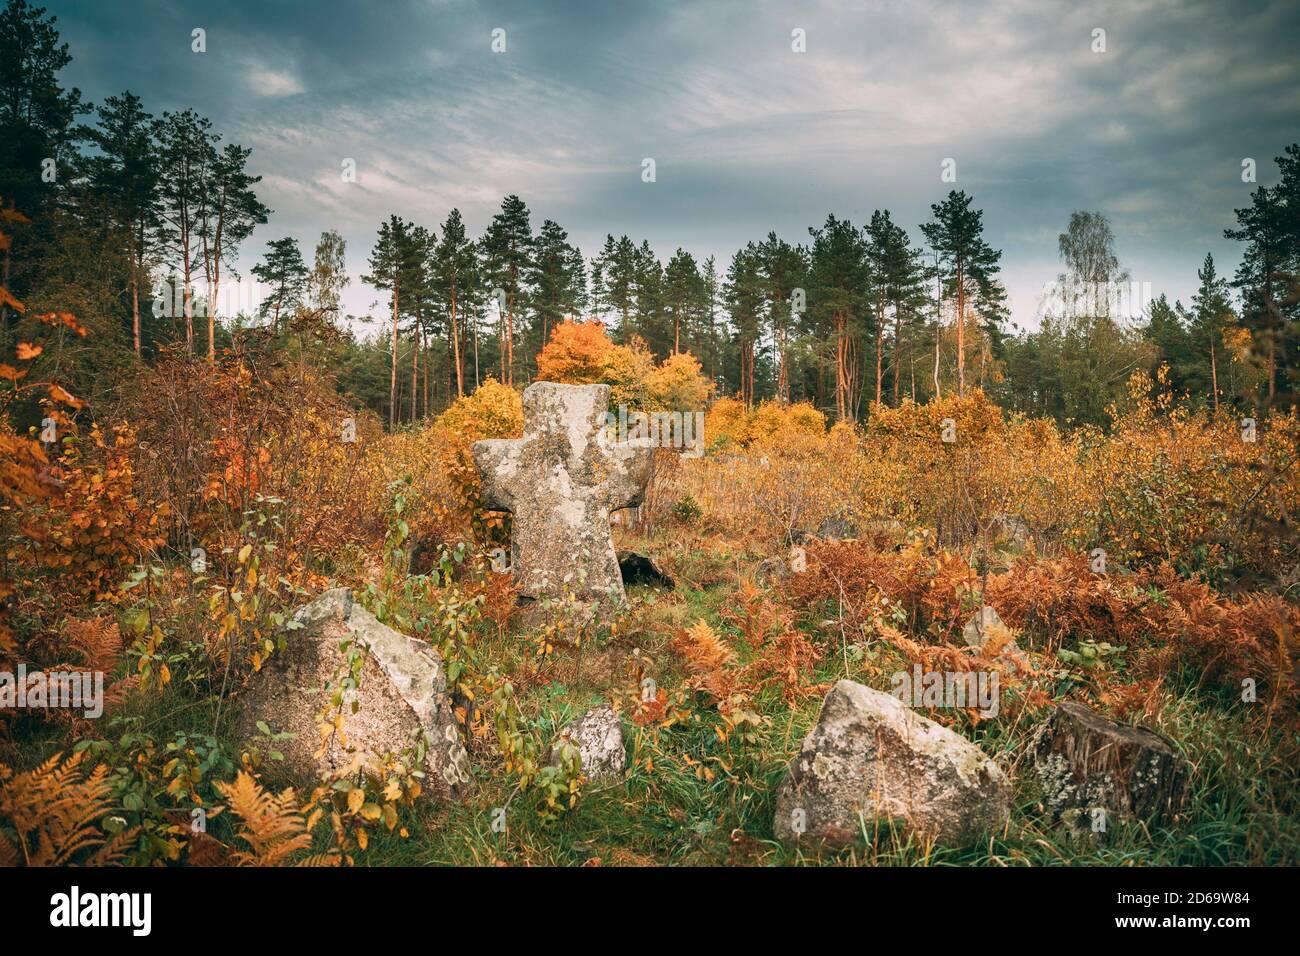 Babtsy, région de Vitebsk, en Biélorussie. Vieille croix de pierre dans l'ancien cimetière. Banque D'Images